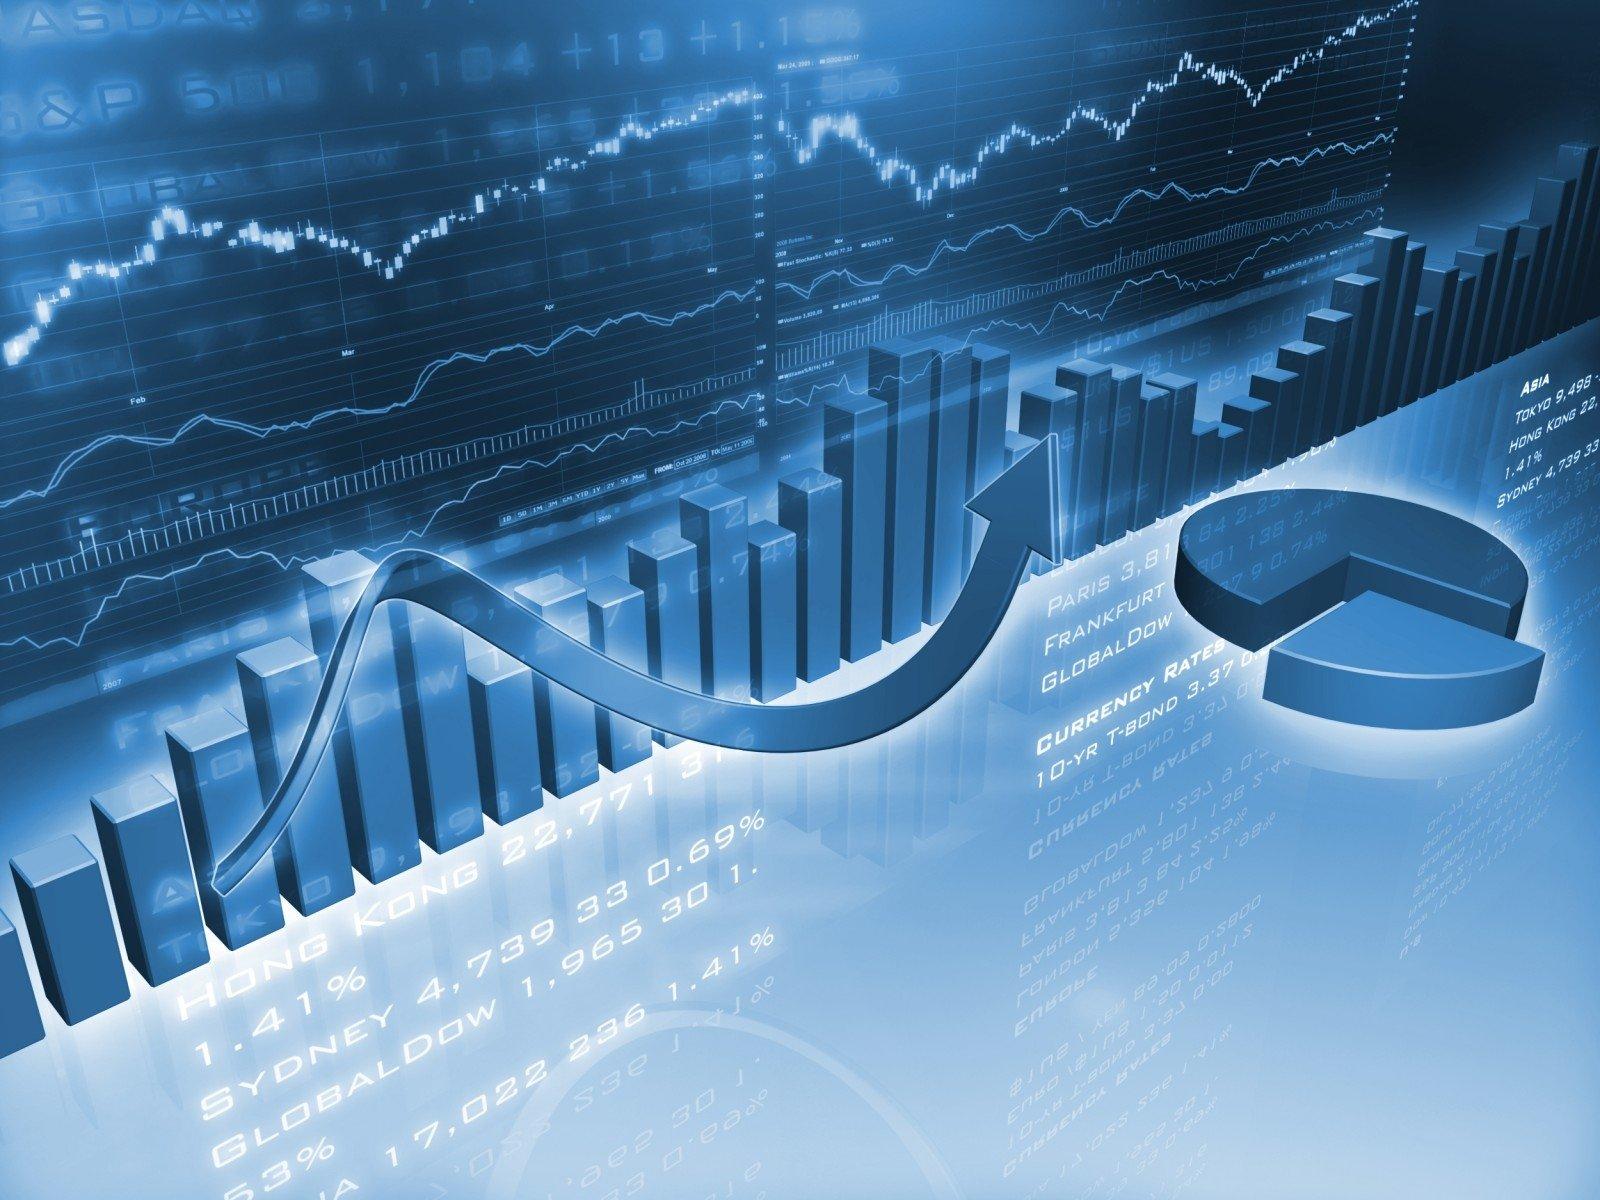 vertybinių popierių rinkos prekyba naujienomis